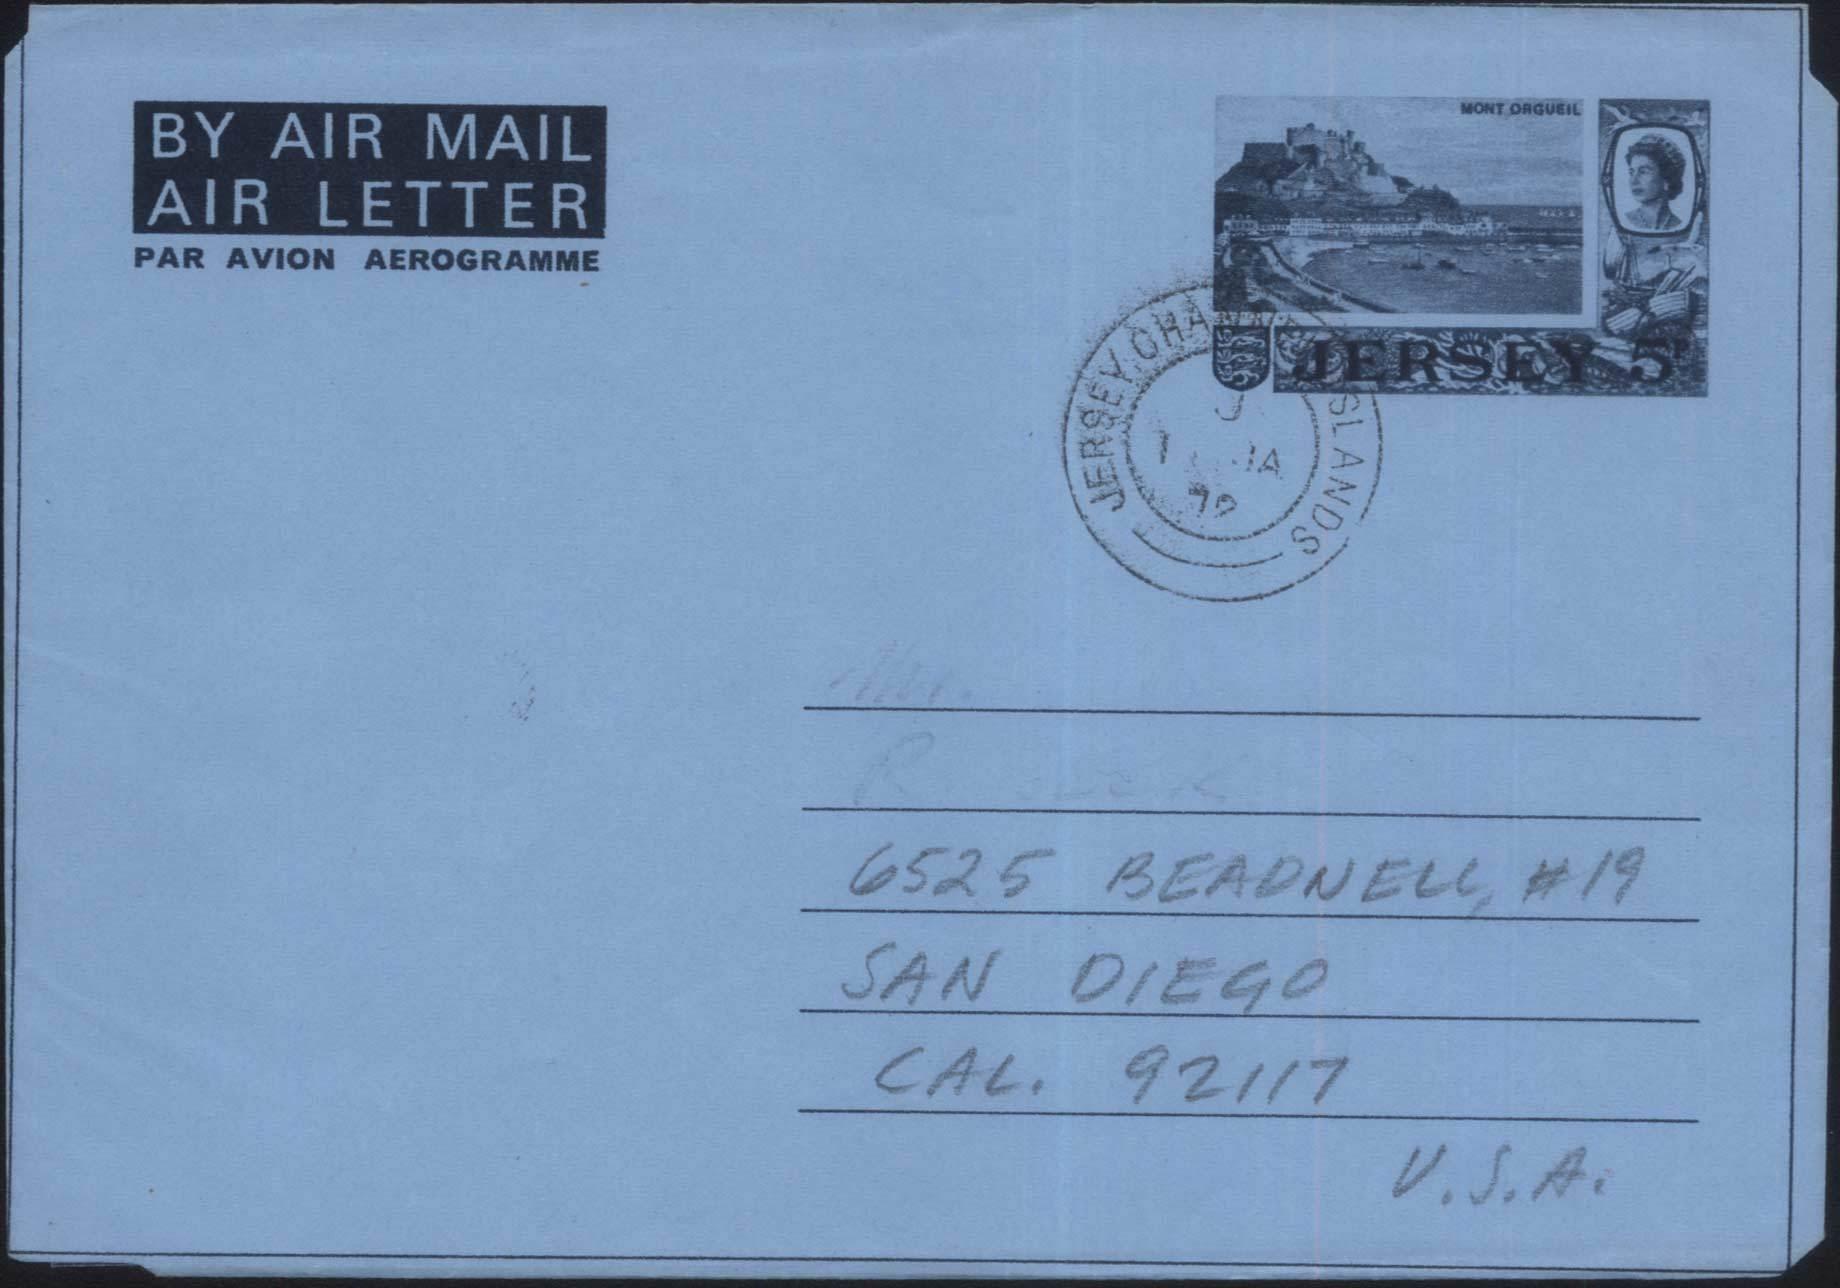 O-YJ3 заболоченное место западный '72 почта капитал изображенный один сиденье история назад из Гробница, приморский природный пейзаж медаль почта простой